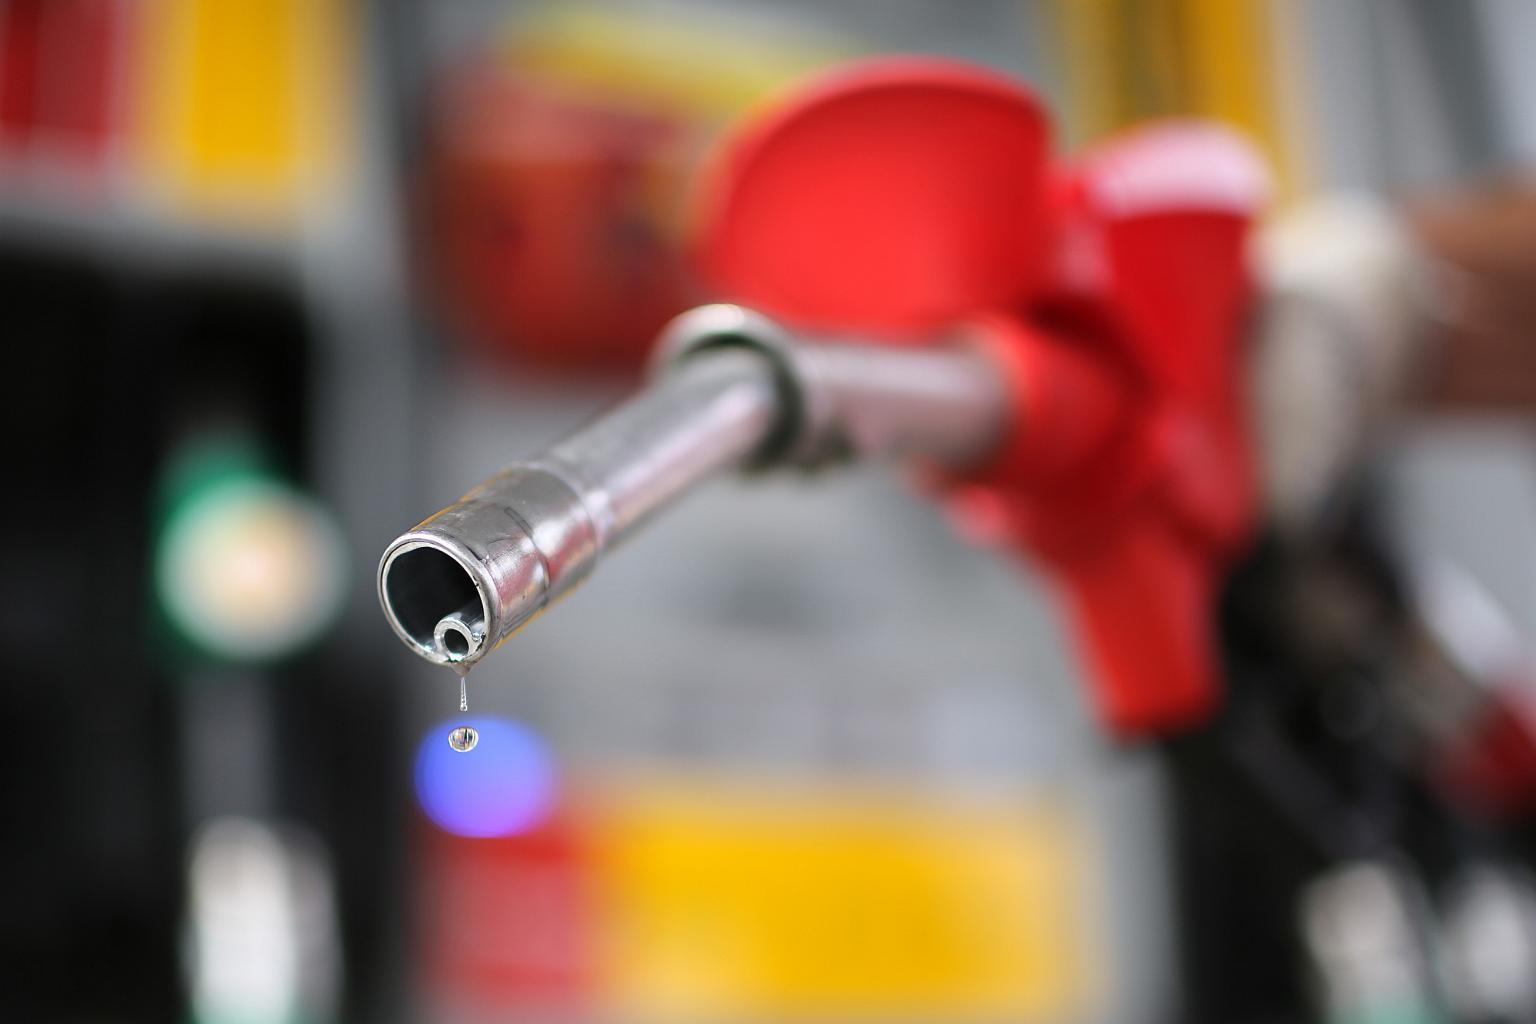 Aİ-95 premium markalı benzinin qiymətinin dəyişməsini nə şərtləndirir - RƏSMİ